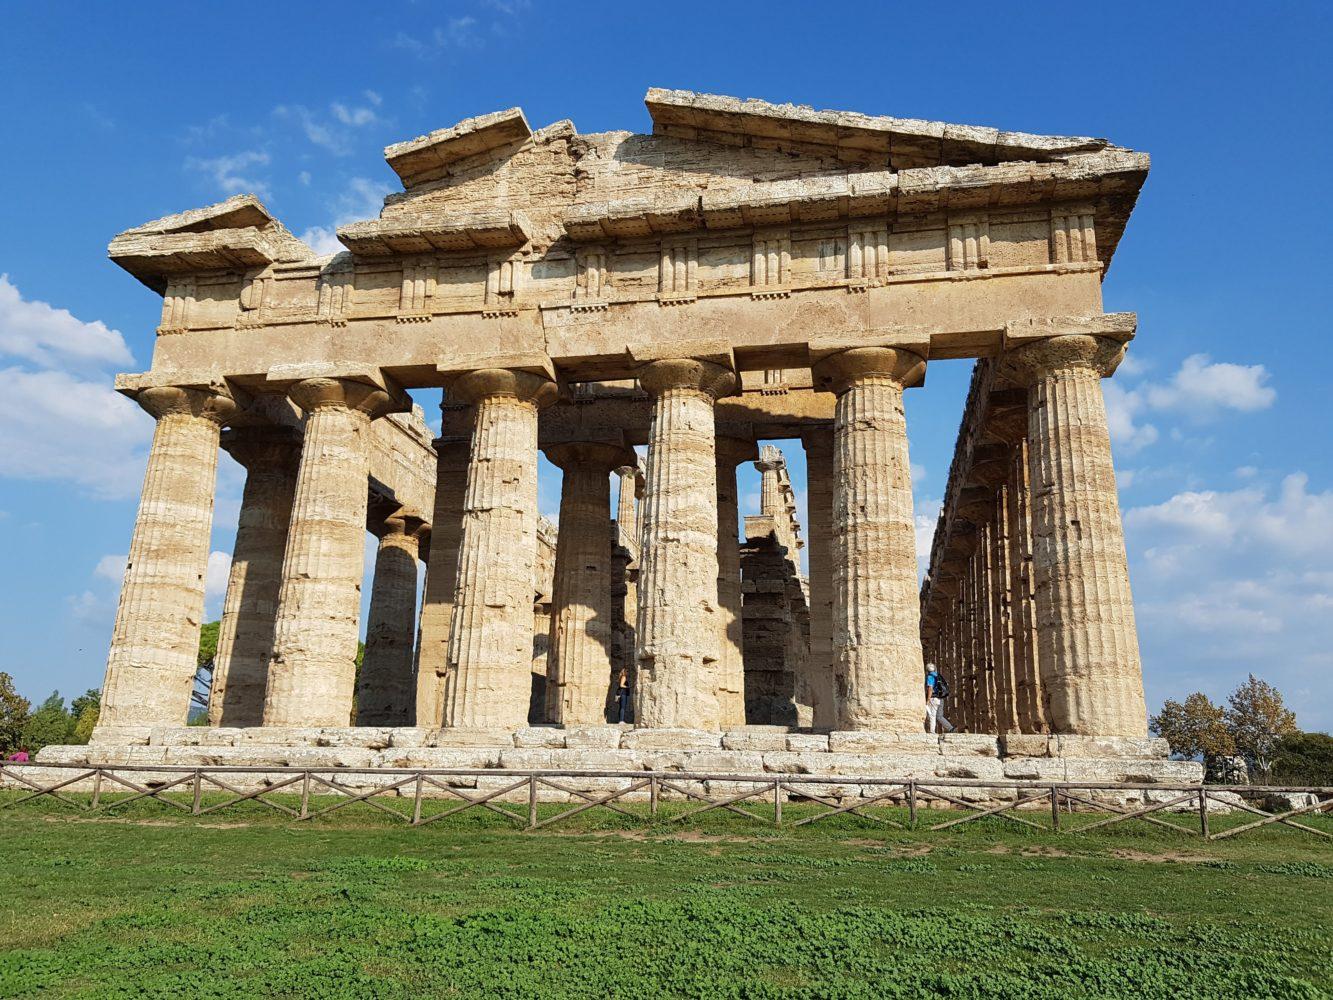 Tempio di Nettuno Scavi di Paestum, parco archeologico di paestum experience (2)